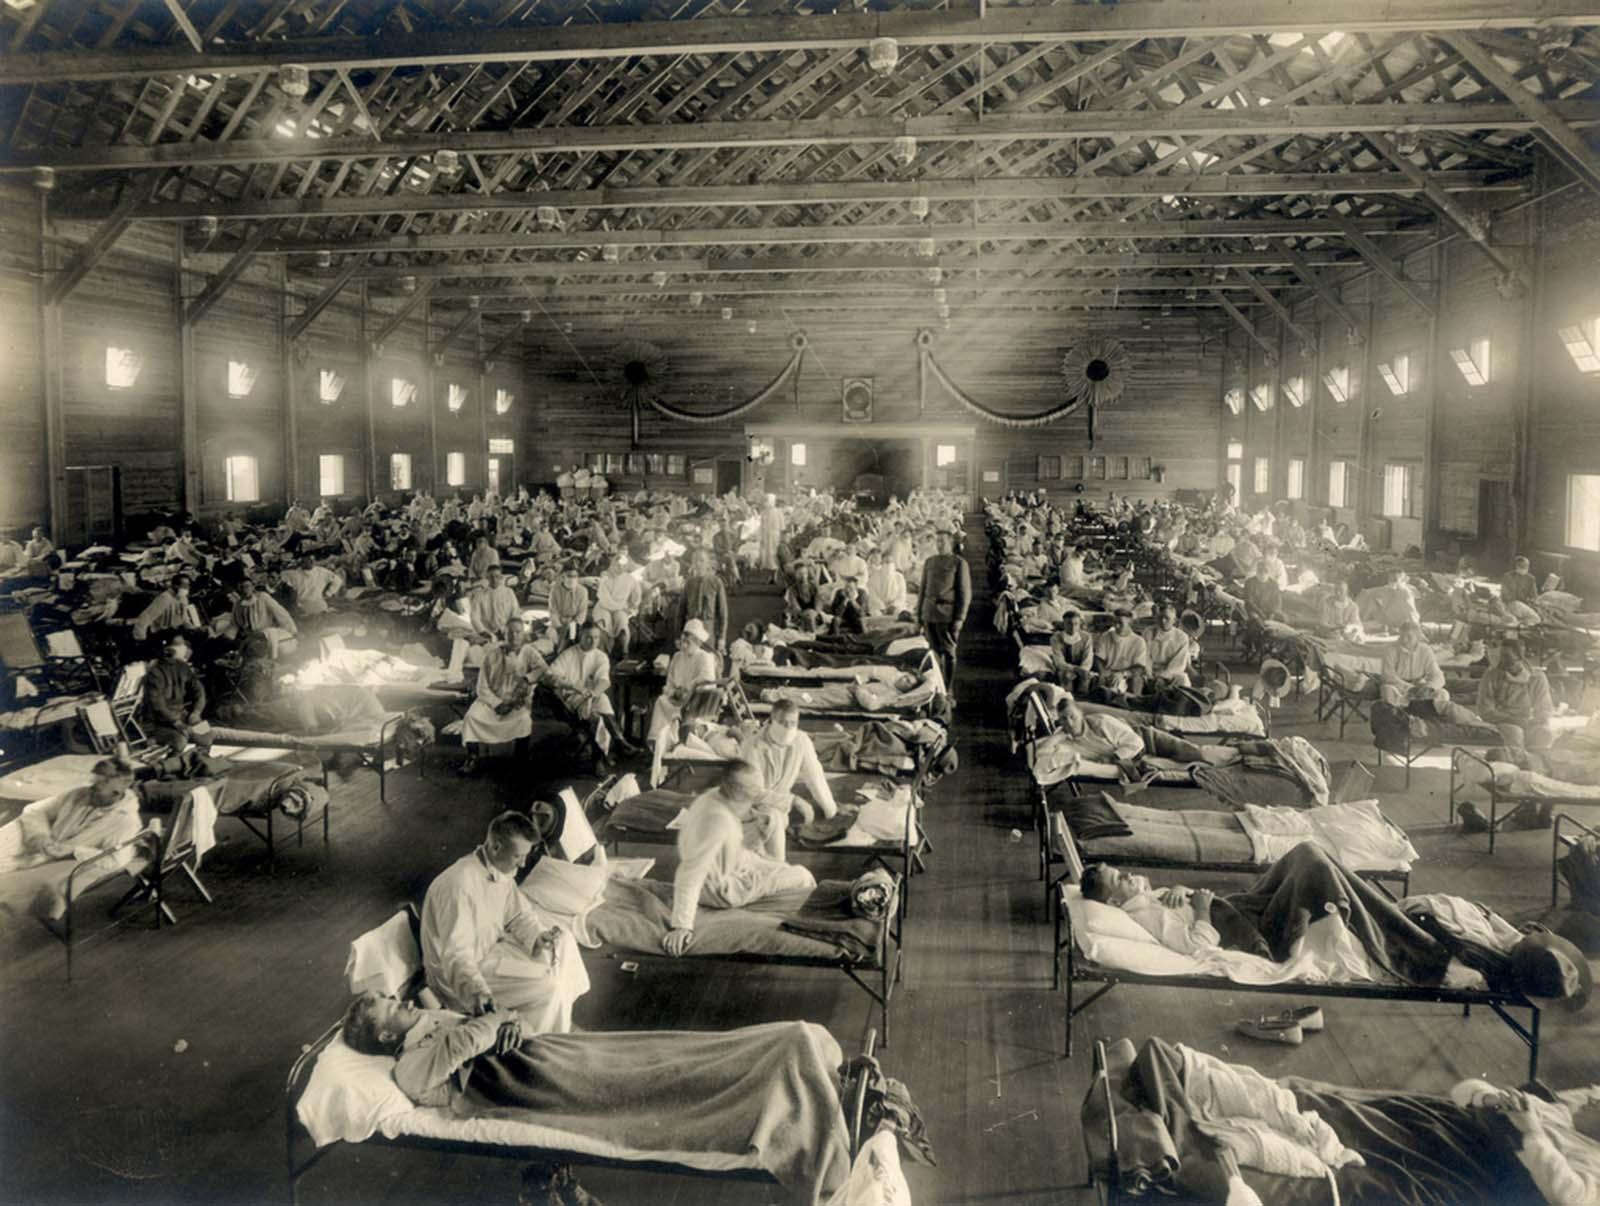 Os primeiros casos oficiais da pandemia de gripe espanhola de 1918 foram registrados em Camp Funston, no Exército dos EUA, no Kansas, onde essa ala de gripe de emergência mantinha pacientes tratados.